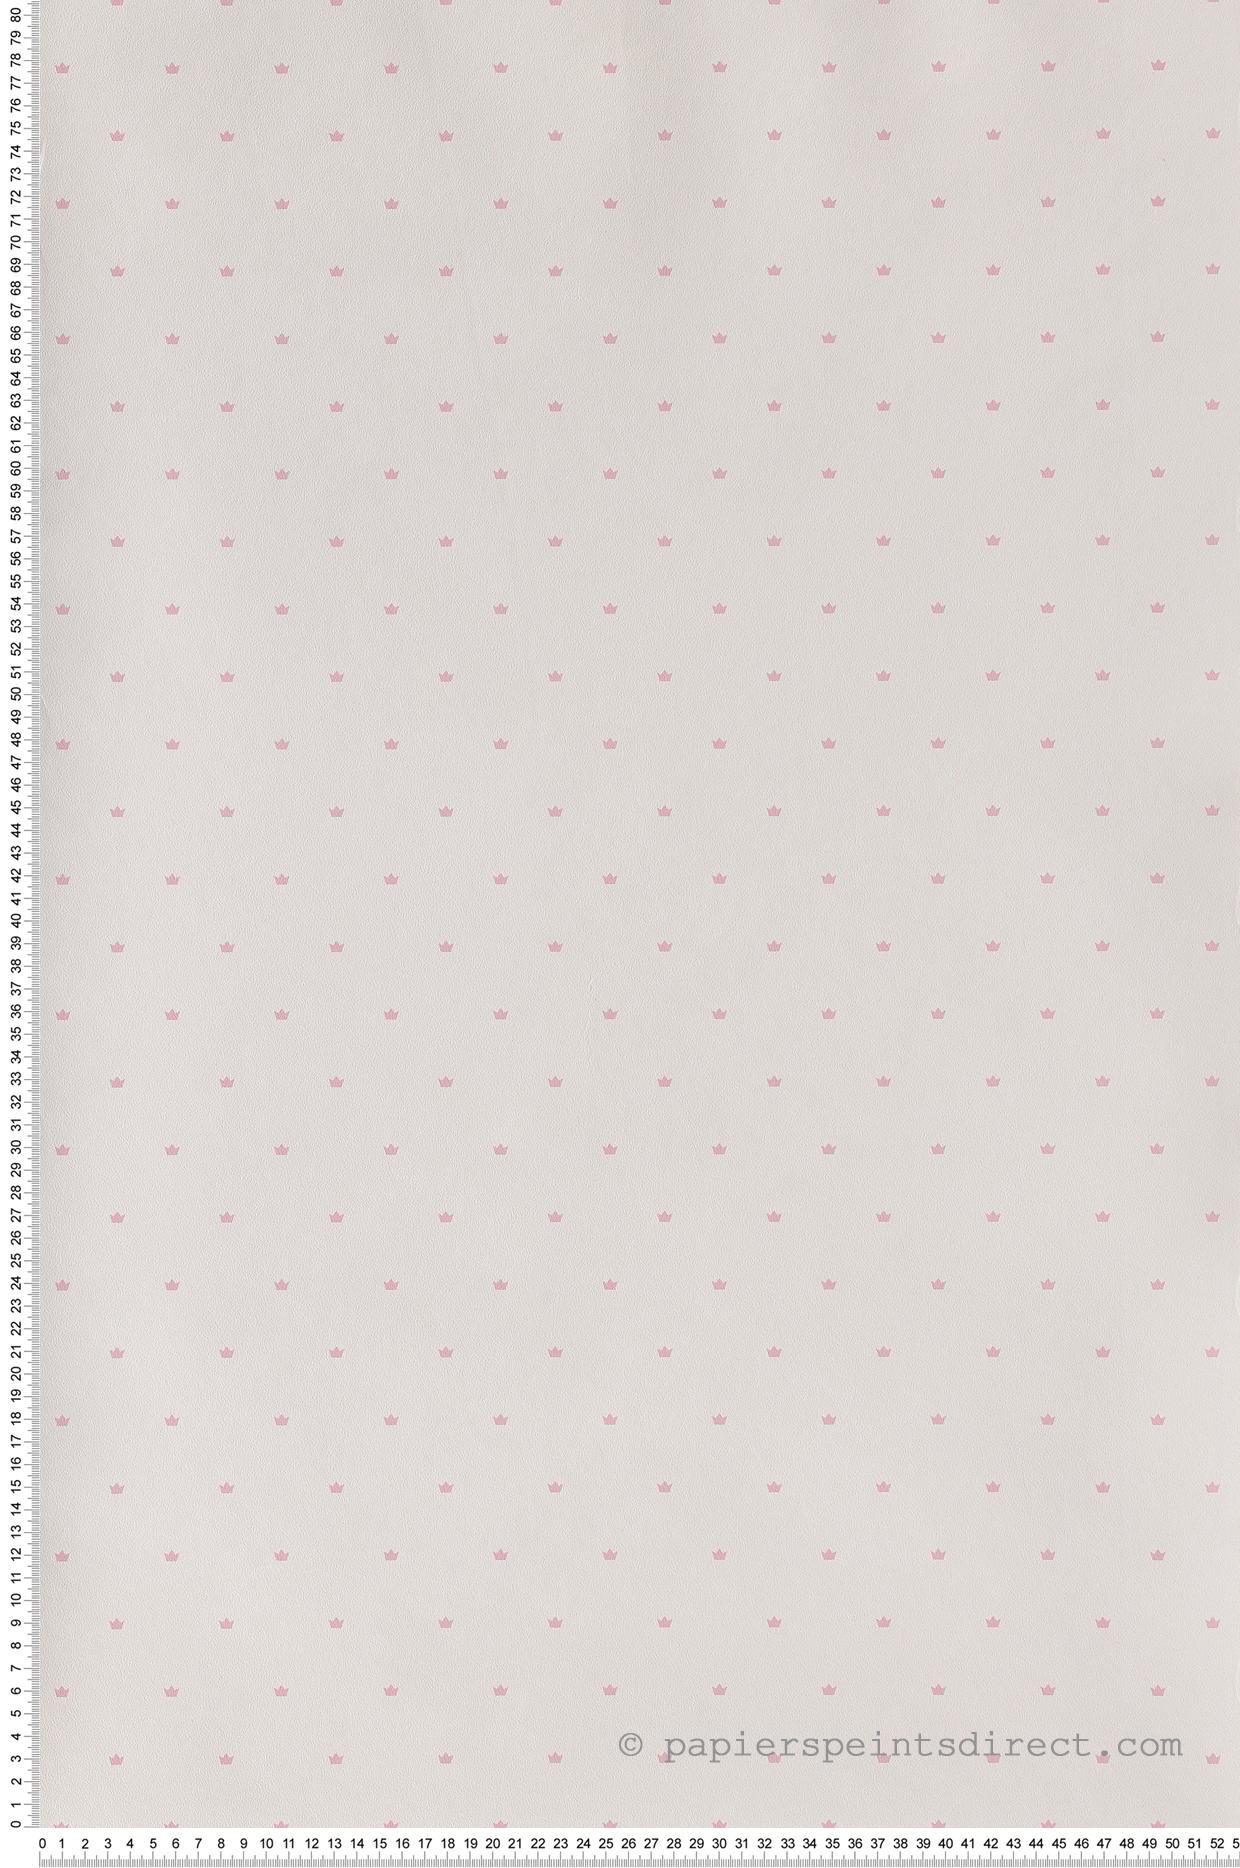 Papier Peint Couronne rose - Jacadi de Lutèce    Réf. LTC-36171303